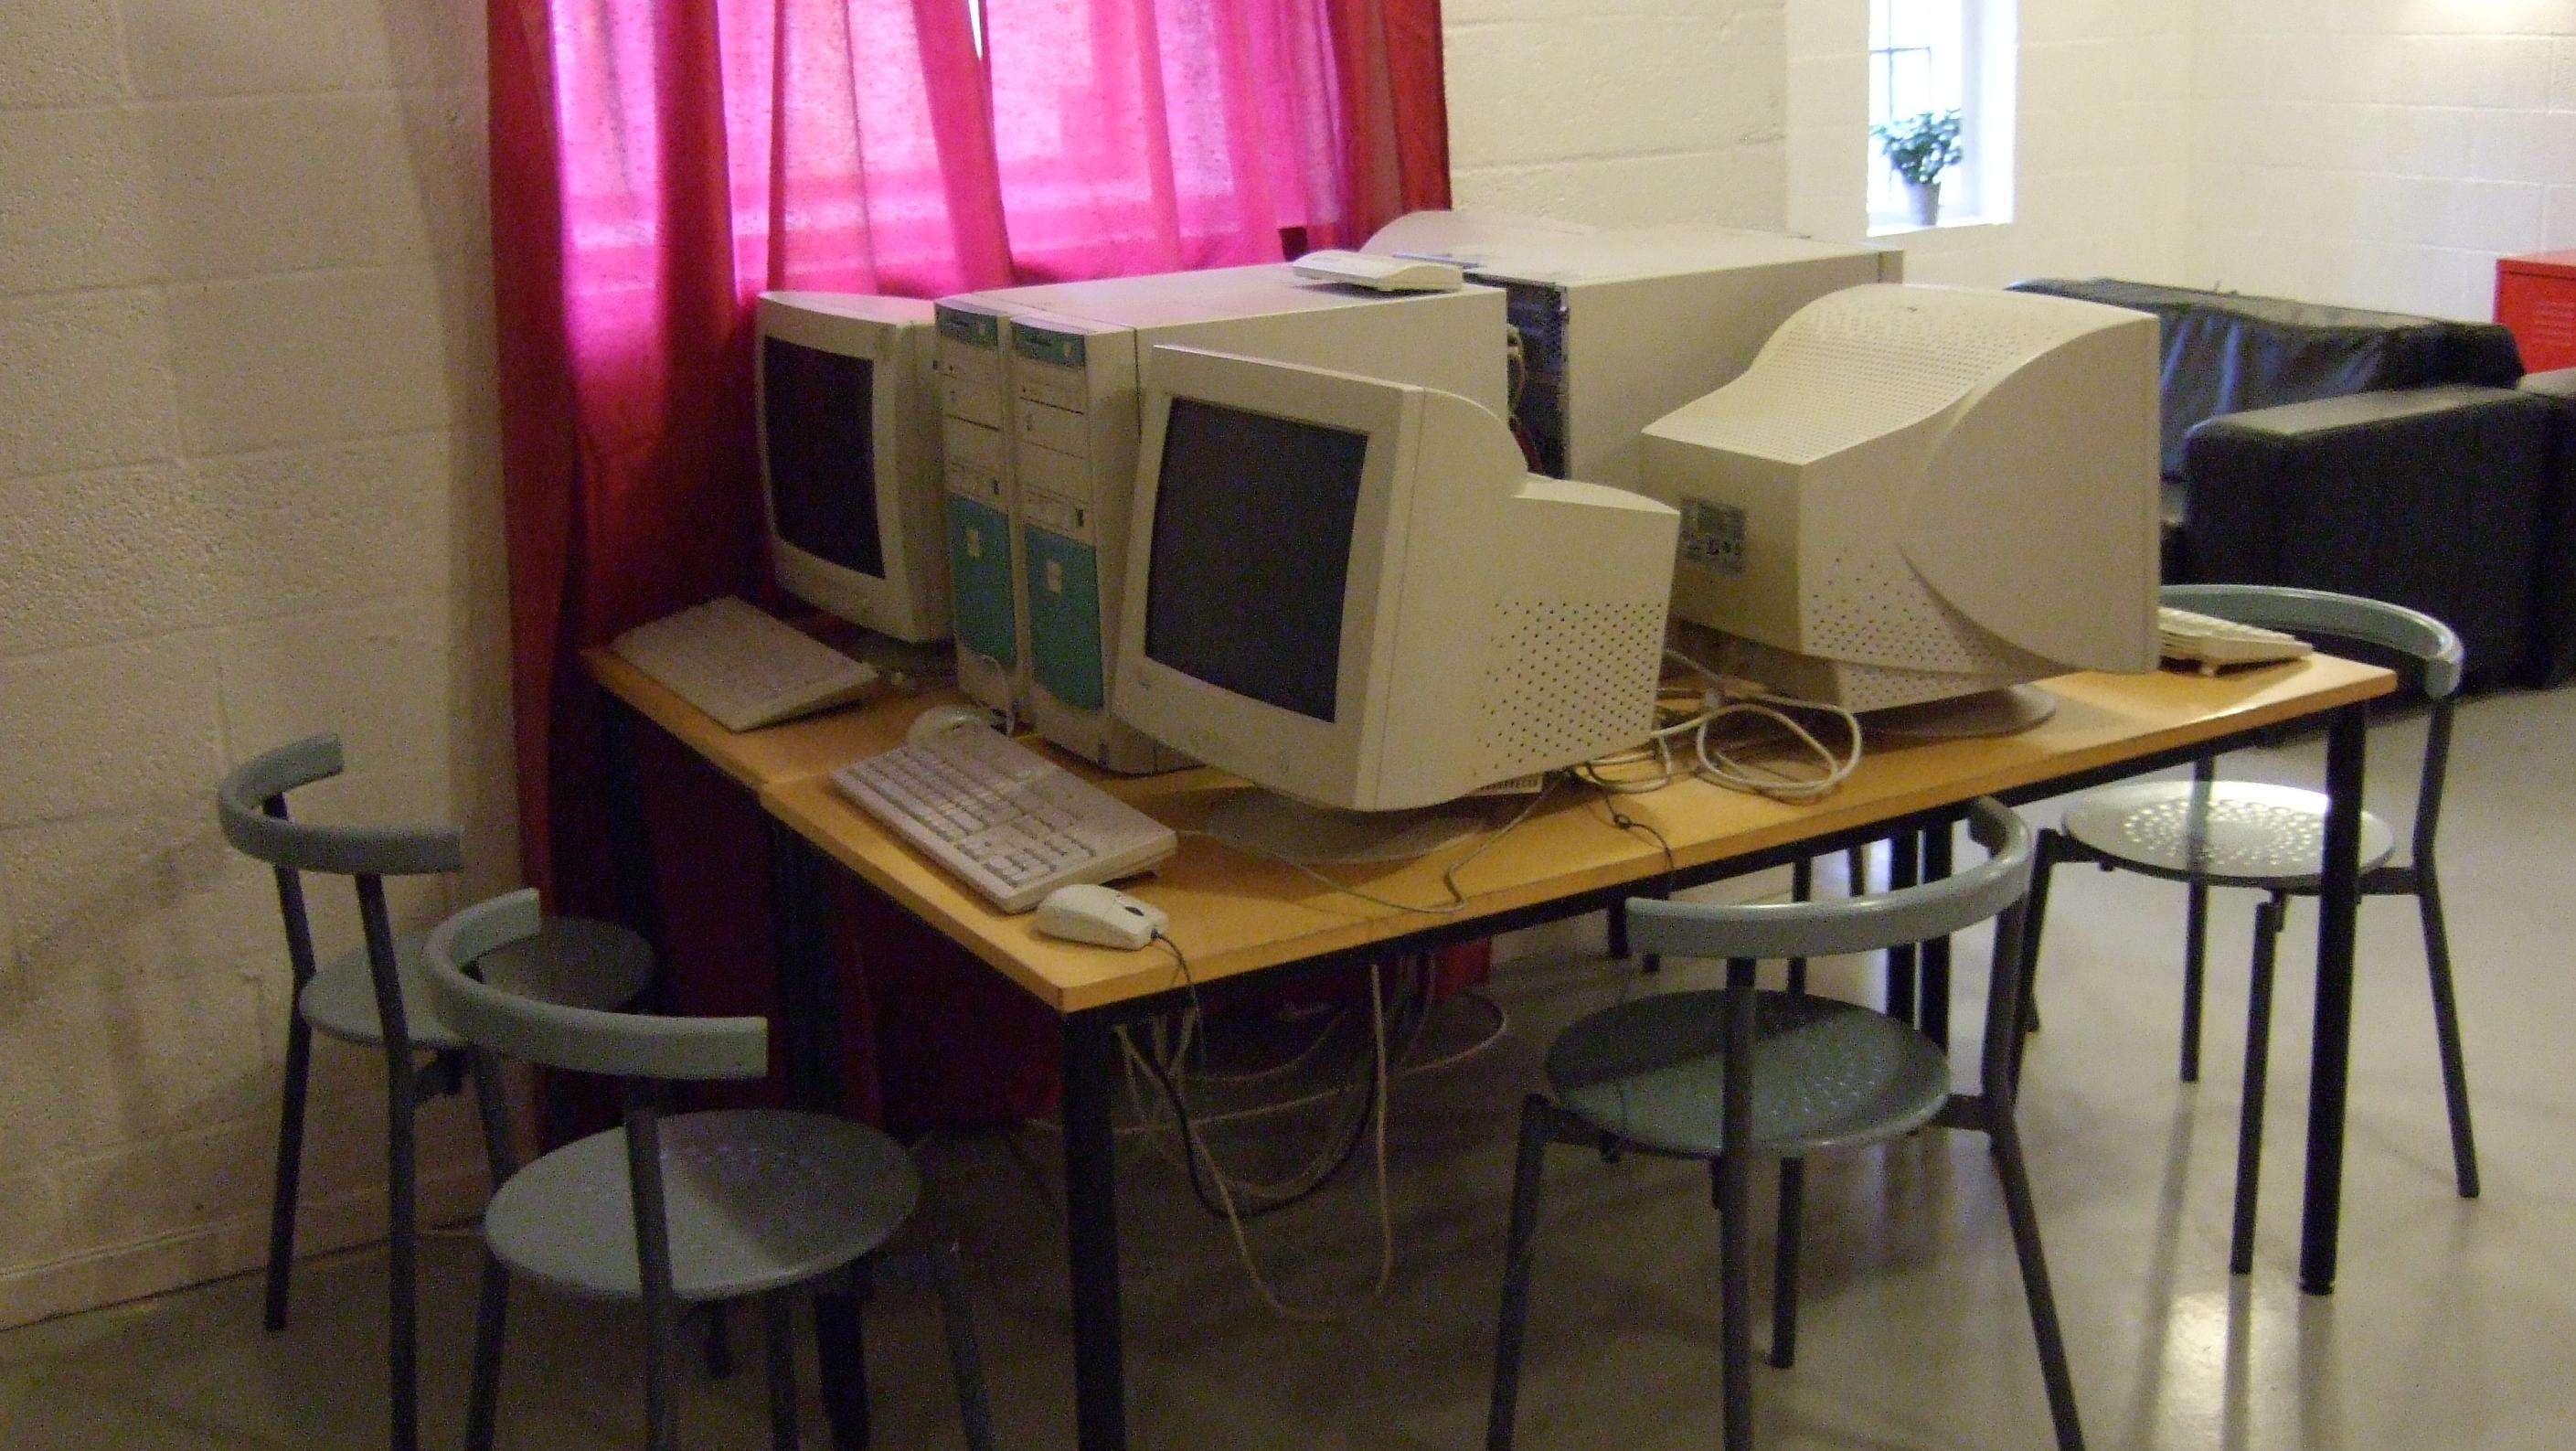 Vânzările de produse IT s-au înjumătățit în ultimul trimestru din 2009.